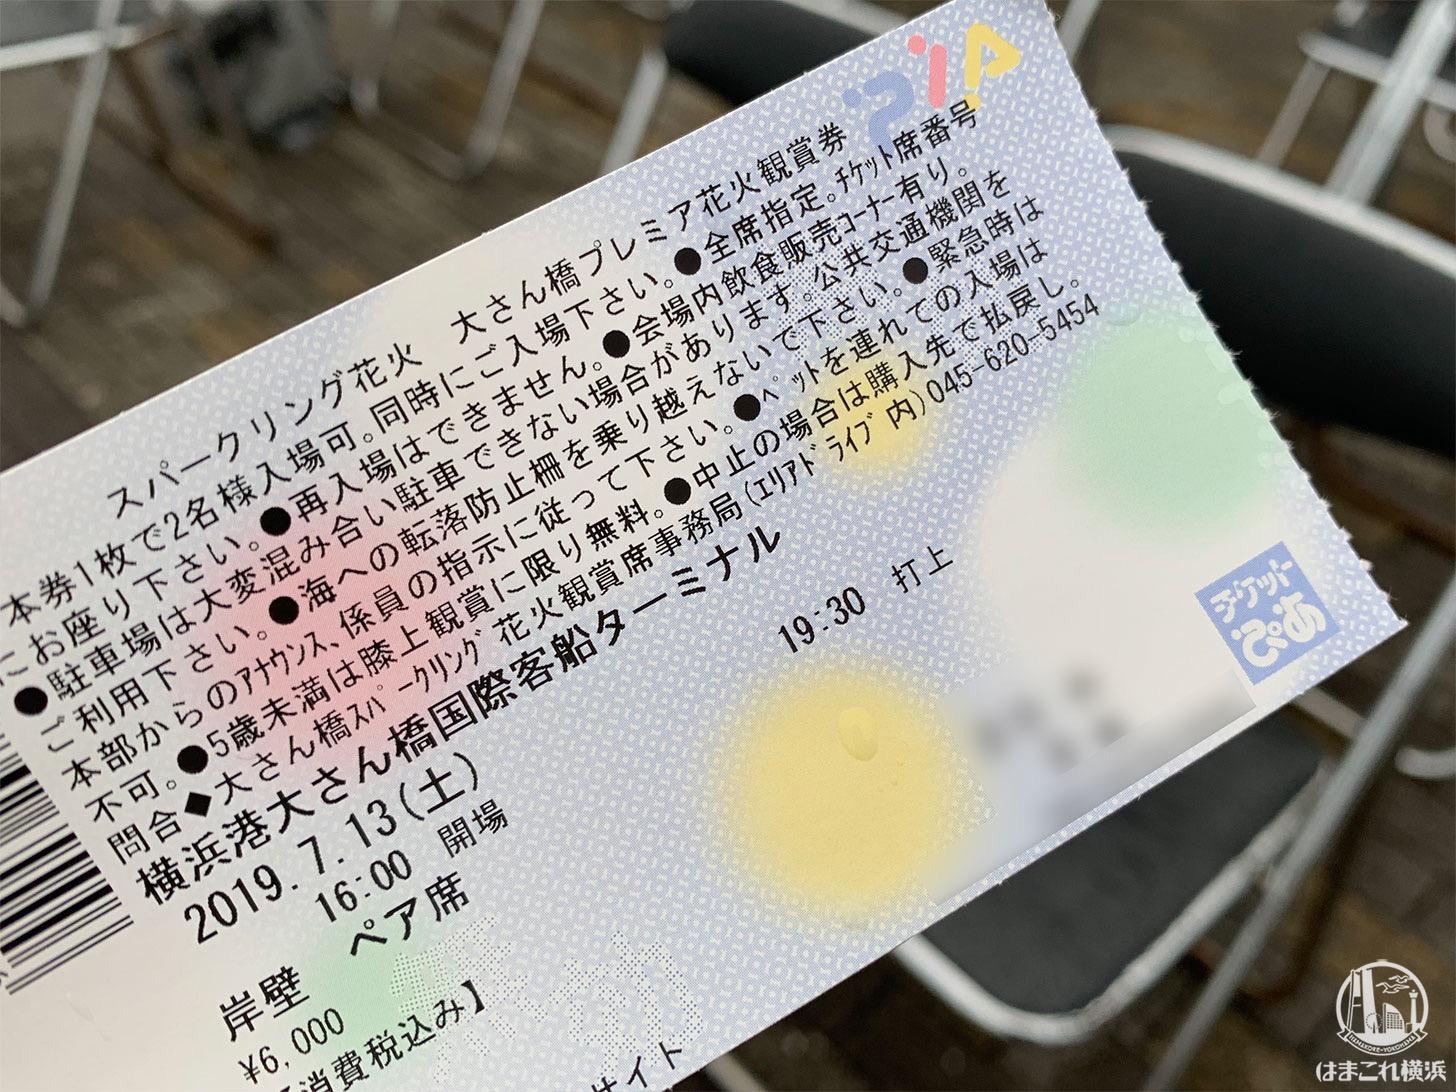 横浜スパークリングトワイライト 大さん橋 有料席